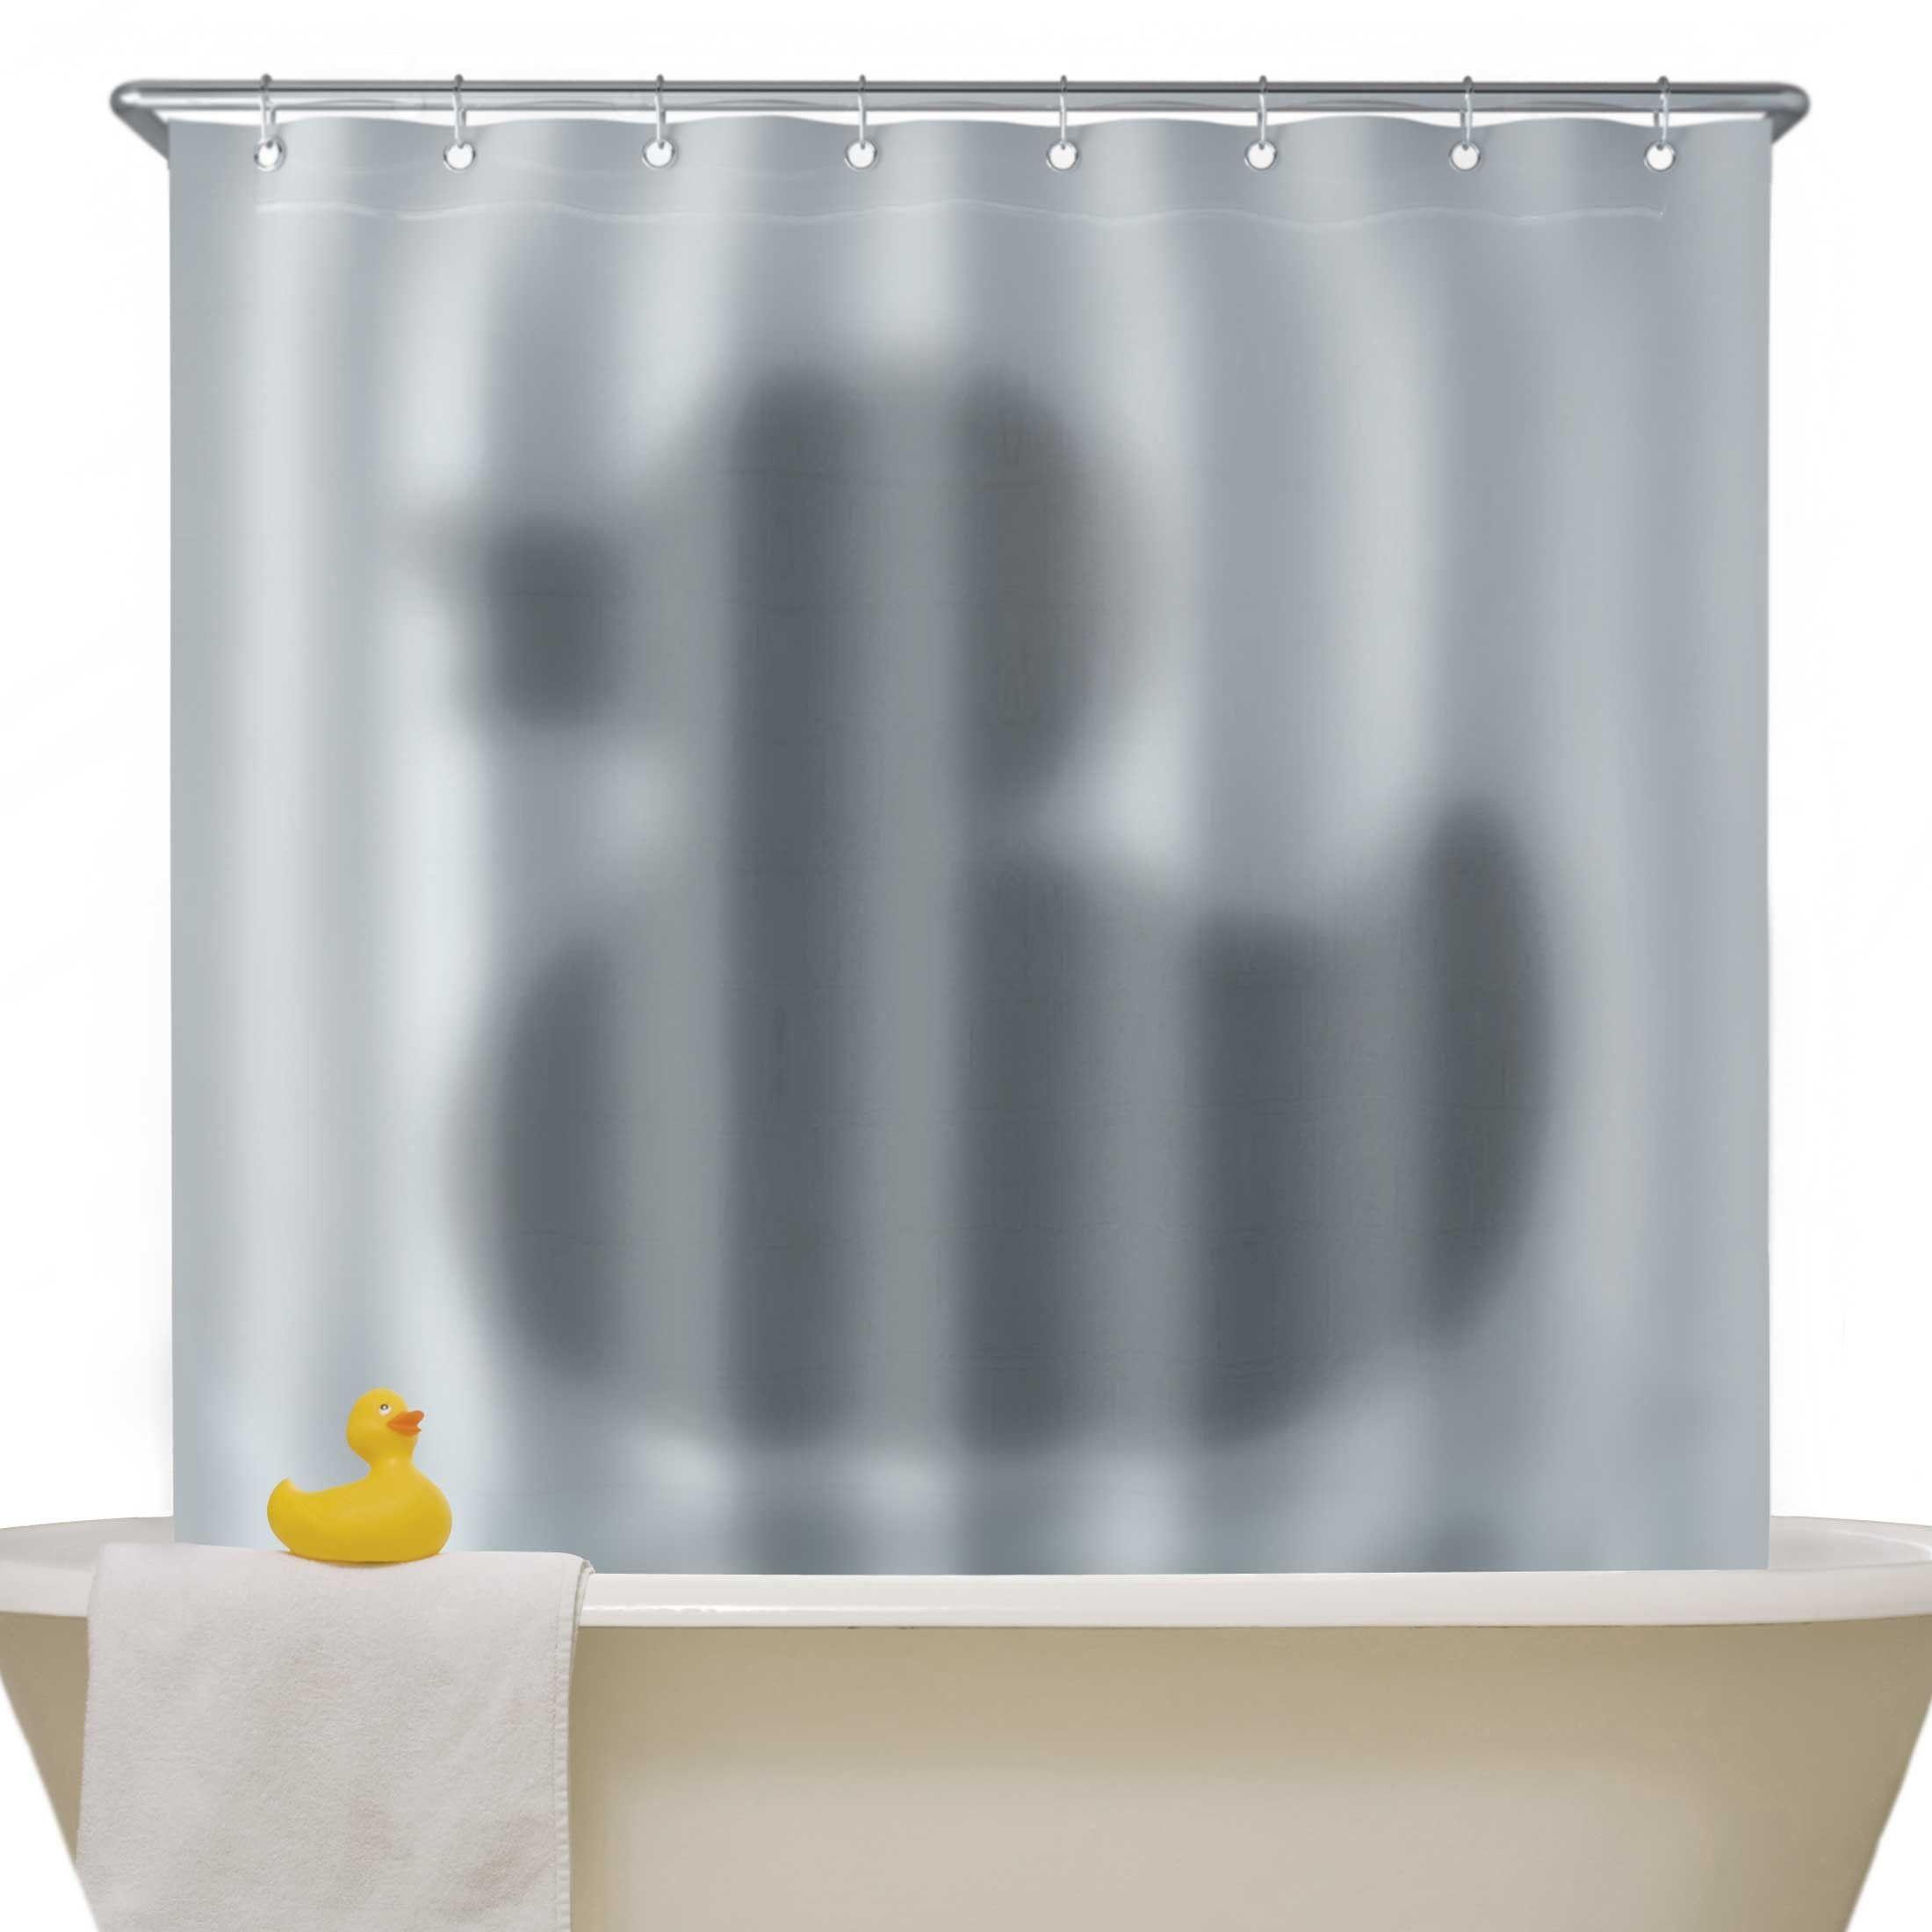 Занавеска для ванной Shadow of the DuckПодарки<br>Занавеска для ванной Shadow of the Duck<br>Размер: 180 см.; Объем: None; Материал: Полиэстер; Цвет: None;